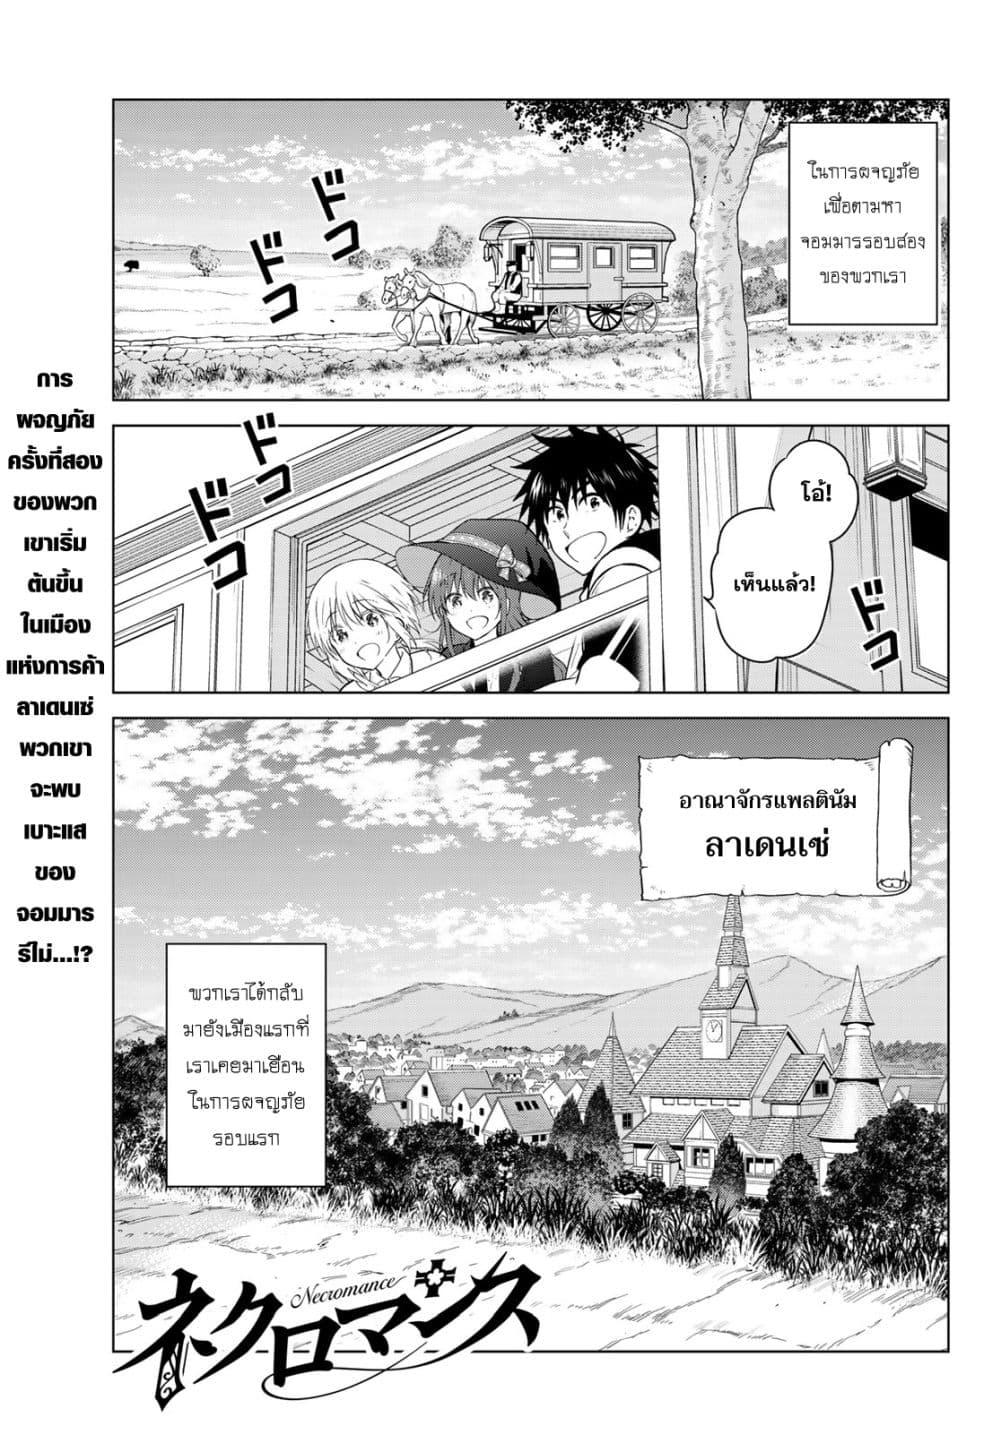 อ่านการ์ตูน Necromance ตอนที่ 2 หน้าที่ 1